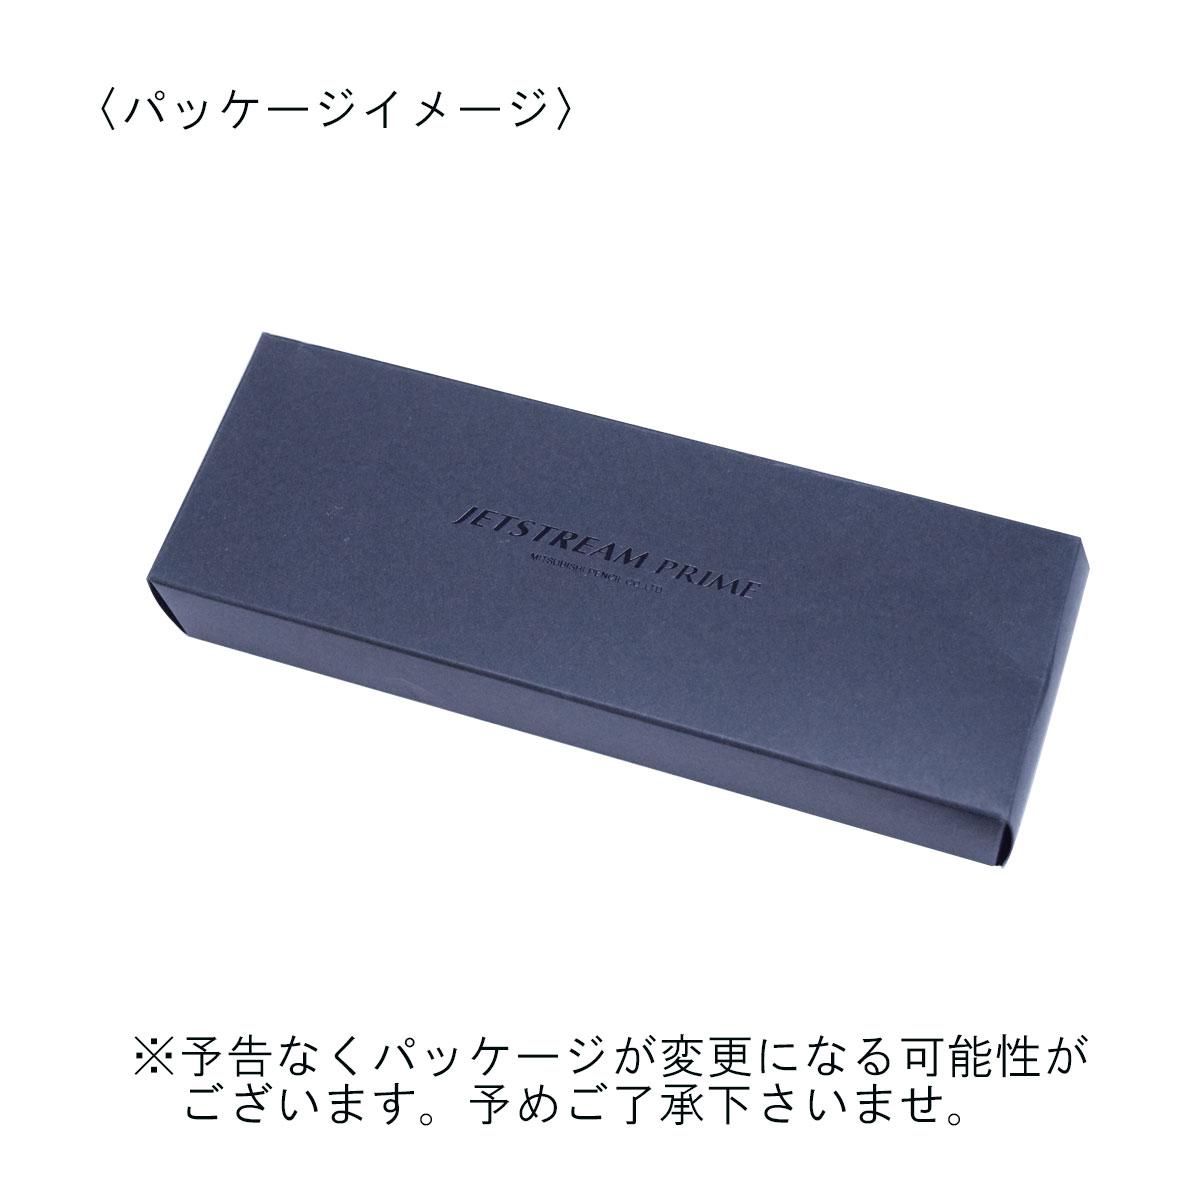 三菱鉛筆 ジェットストリーム プライム 回転式単色ボールペン 0.38mm SXK-3000-38